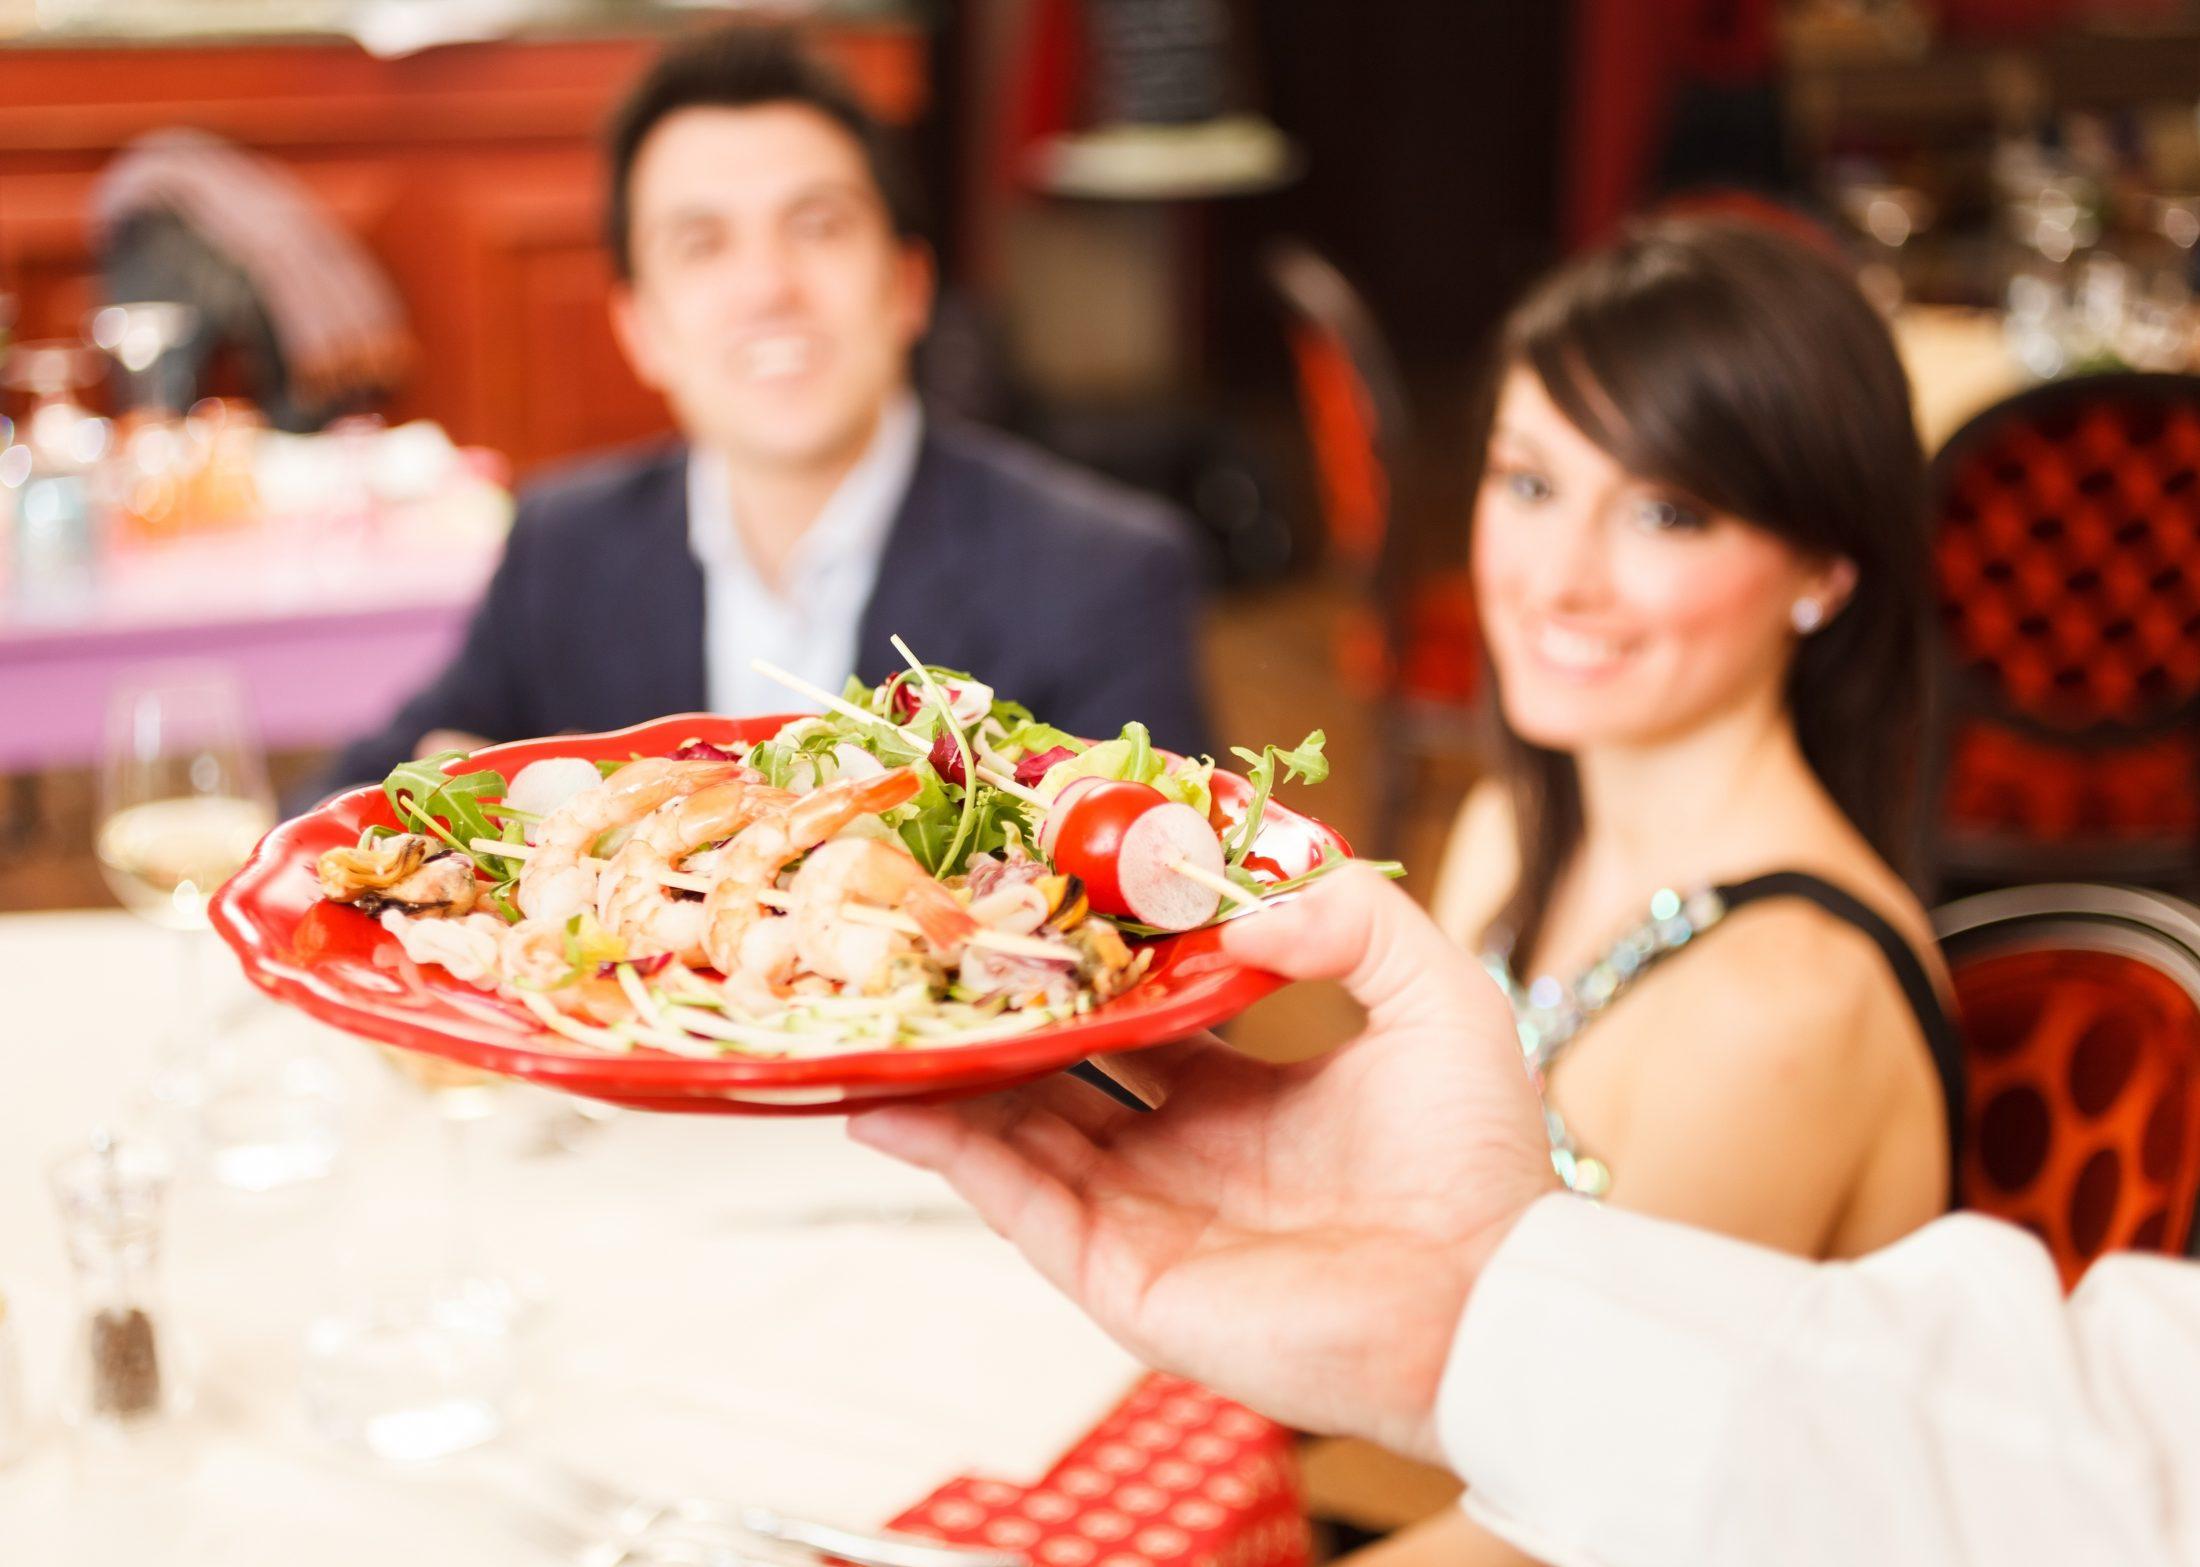 A genderkérdés elérte az éttermeket is: Hölgyek helyett székszámok szerinti elsőbbség - Dining Guide